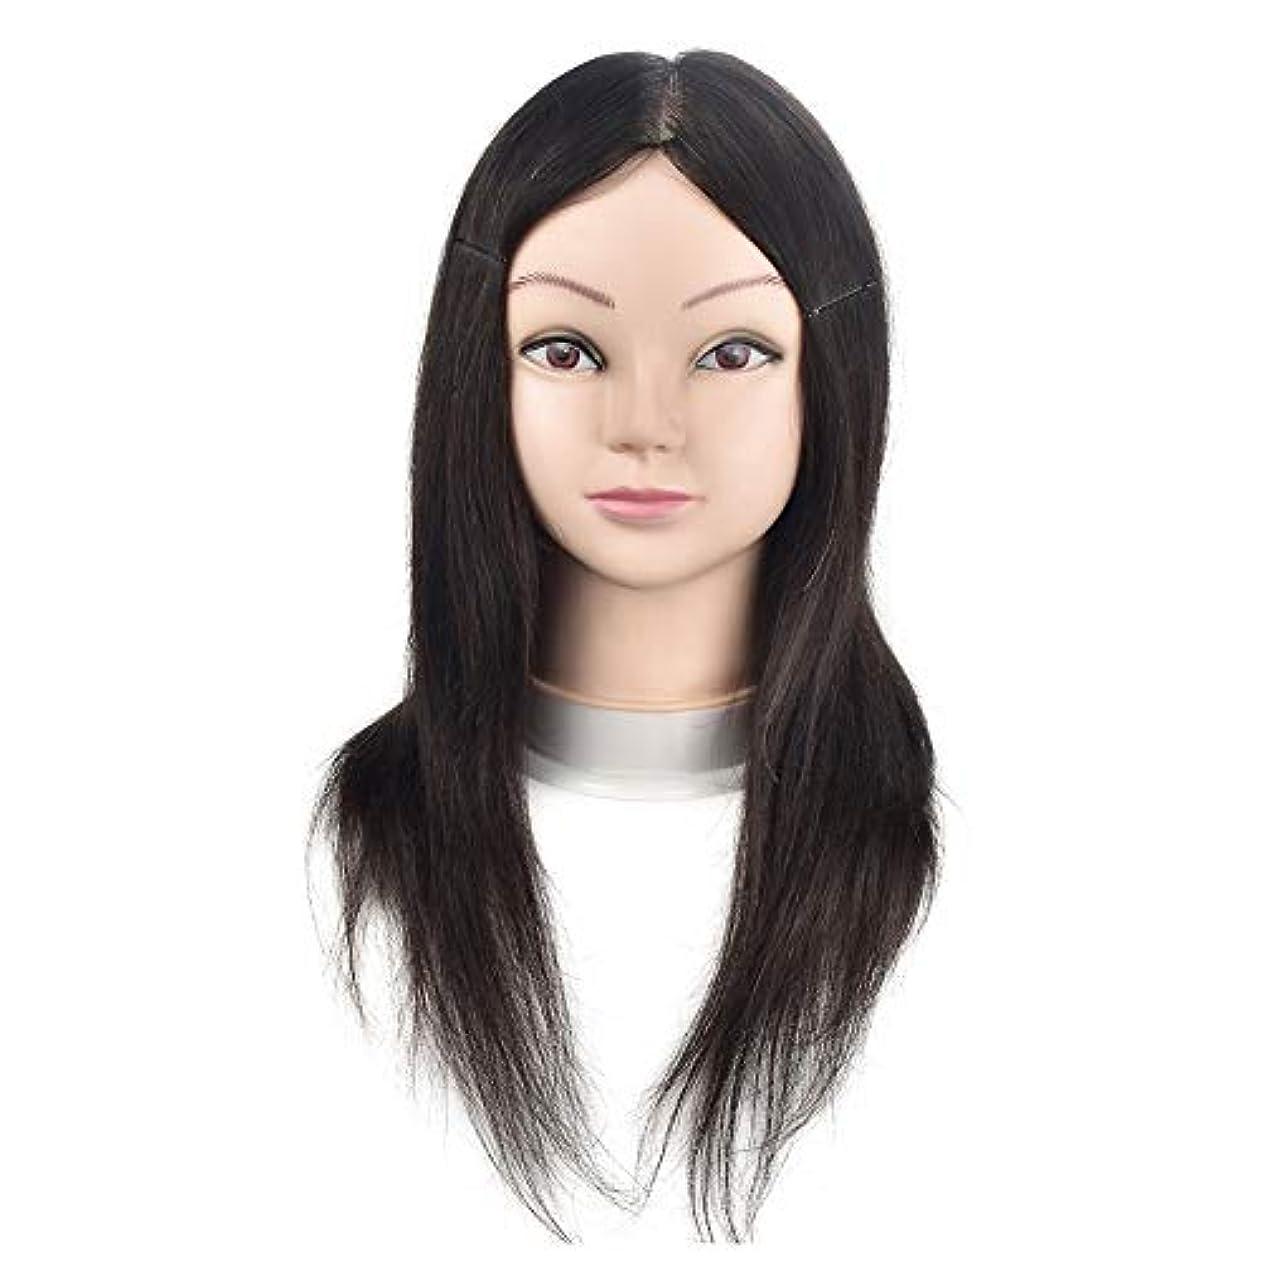 数値黒板監督する本物の髪、髪編組髪、熱い染毛ヘッド型サロン形状かつら運動ヘッド散髪学習ダミーヘッド